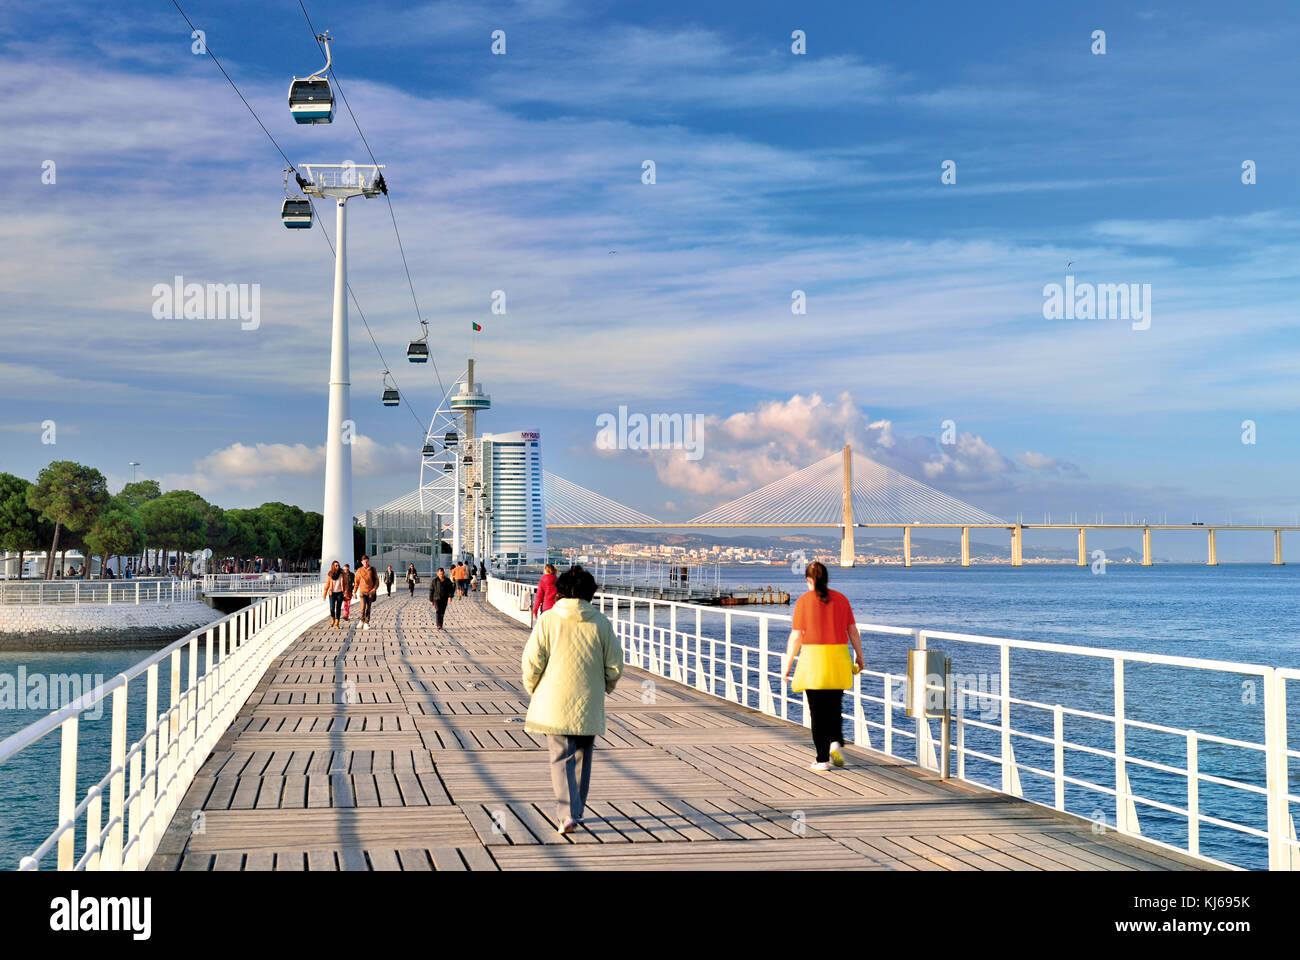 Persone di passaggio ponte pedonale circondato da architettura moderna funivia sollevare e dal ponte Vasco da Gama Immagini Stock